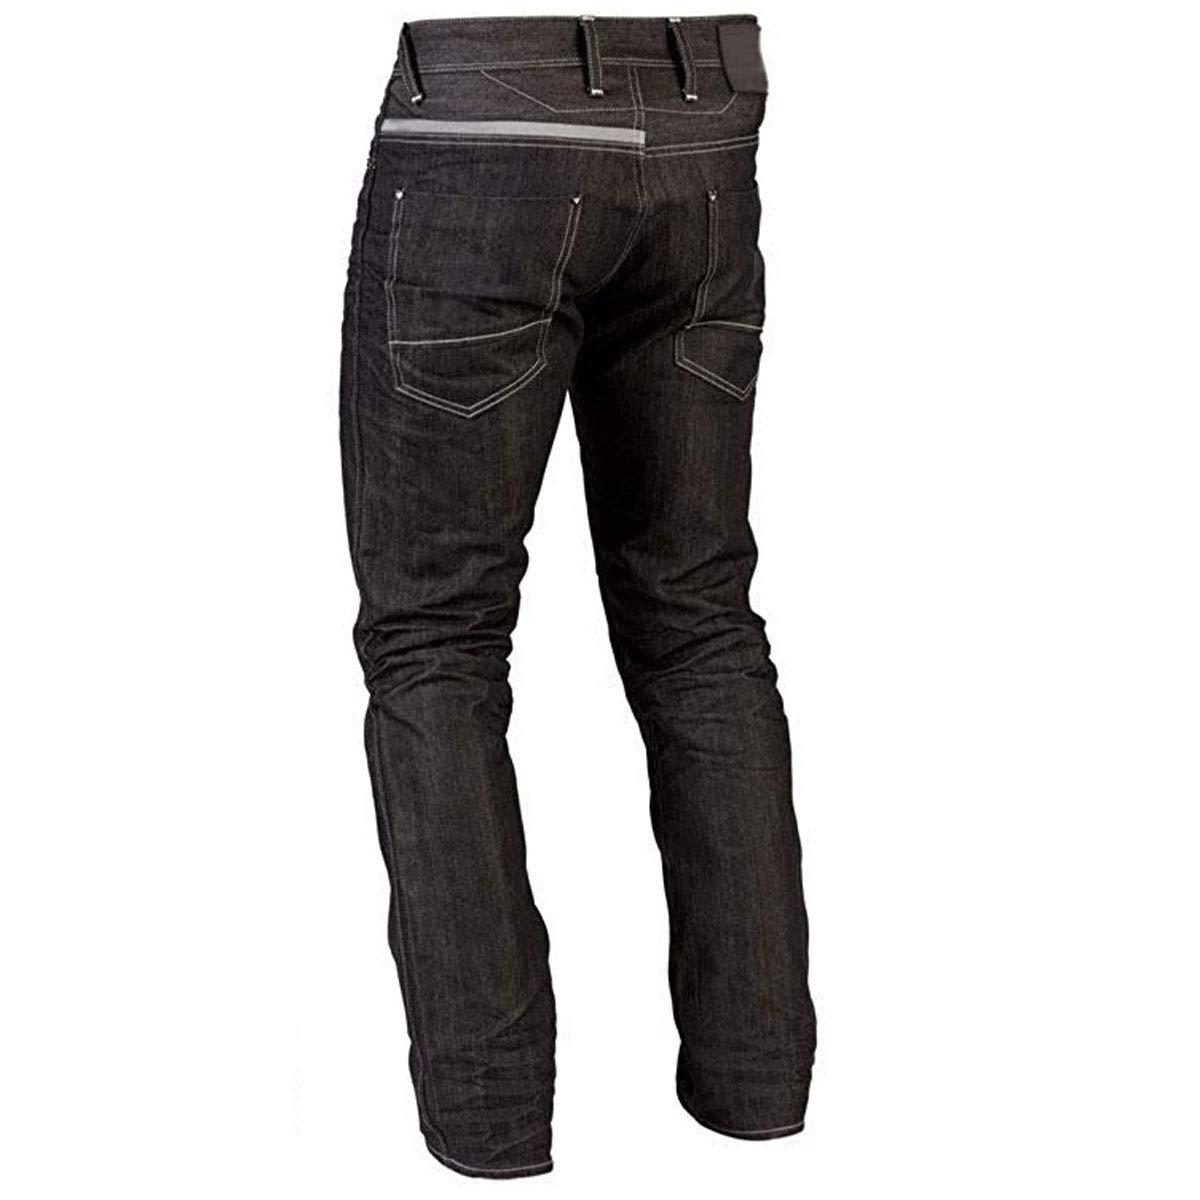 479bf2ab06 Juicy Trendz Hombre Motocicleta Pantalones Moto Pantalón Mezclilla Jeans  con Protección Aramida Negro  Amazon.es  Ropa y accesorios